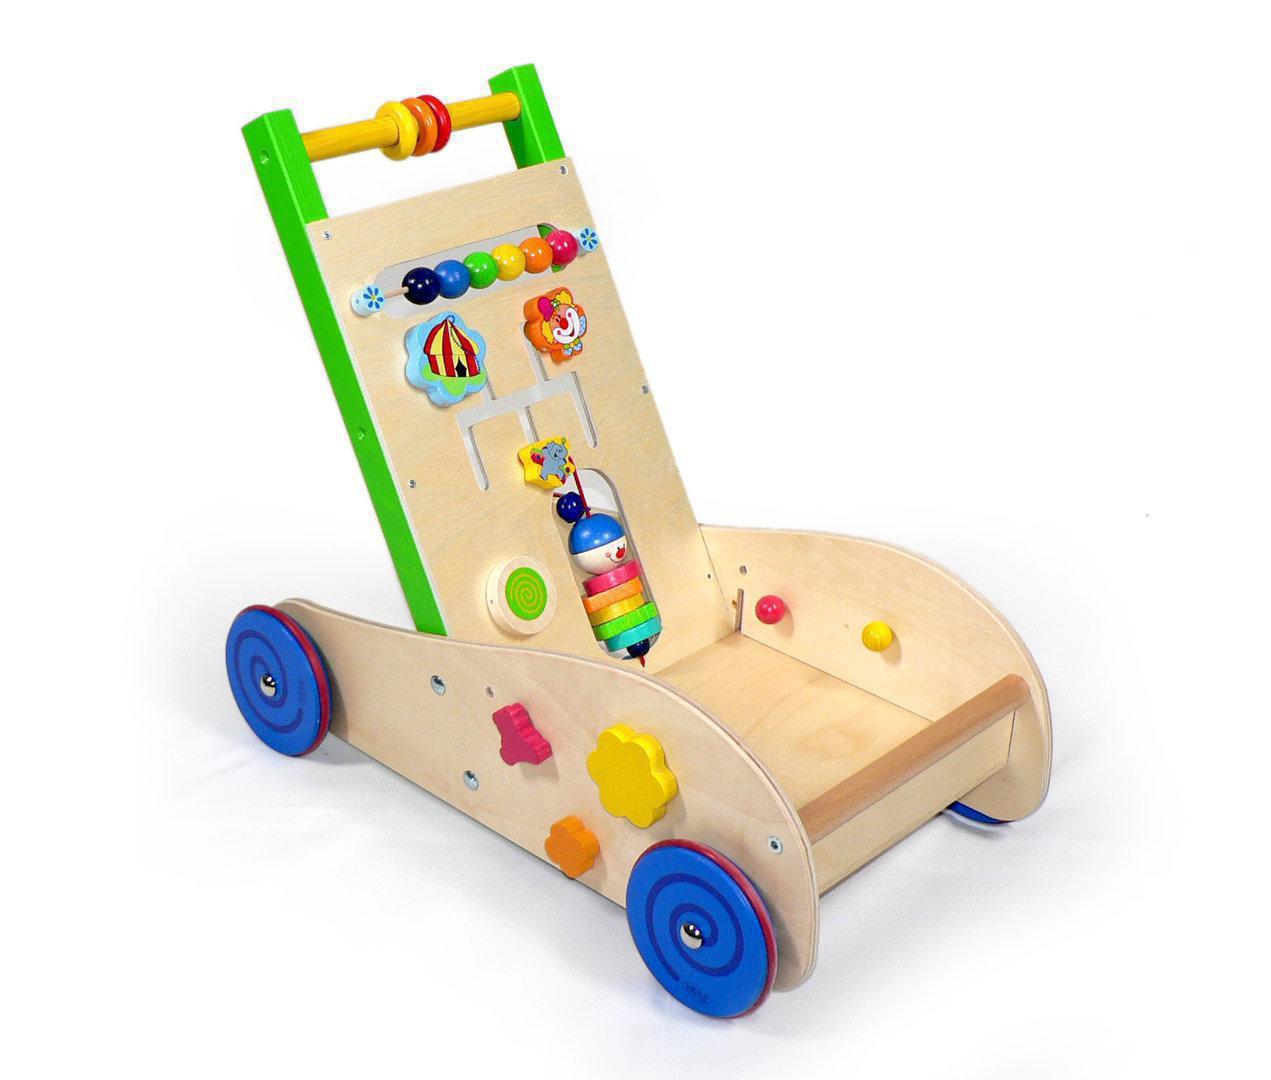 Lauflernwagen Holz Gebraucht Haba ~ Lauflernwagen Motorik  Kinderfahrzeuge Lauflernwagen im